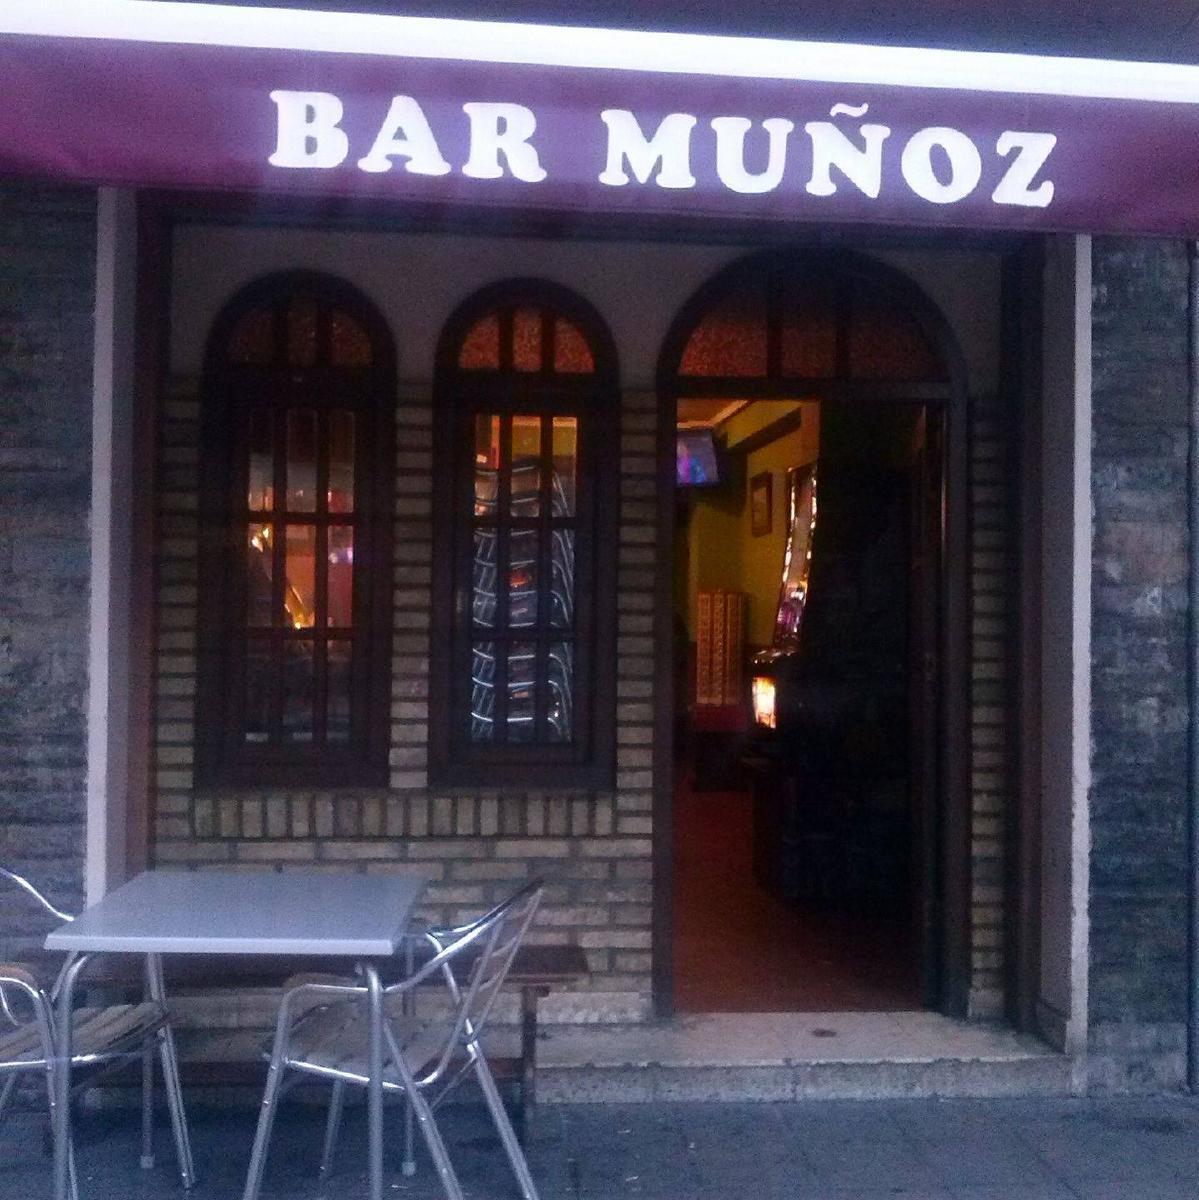 Bar Muñoz